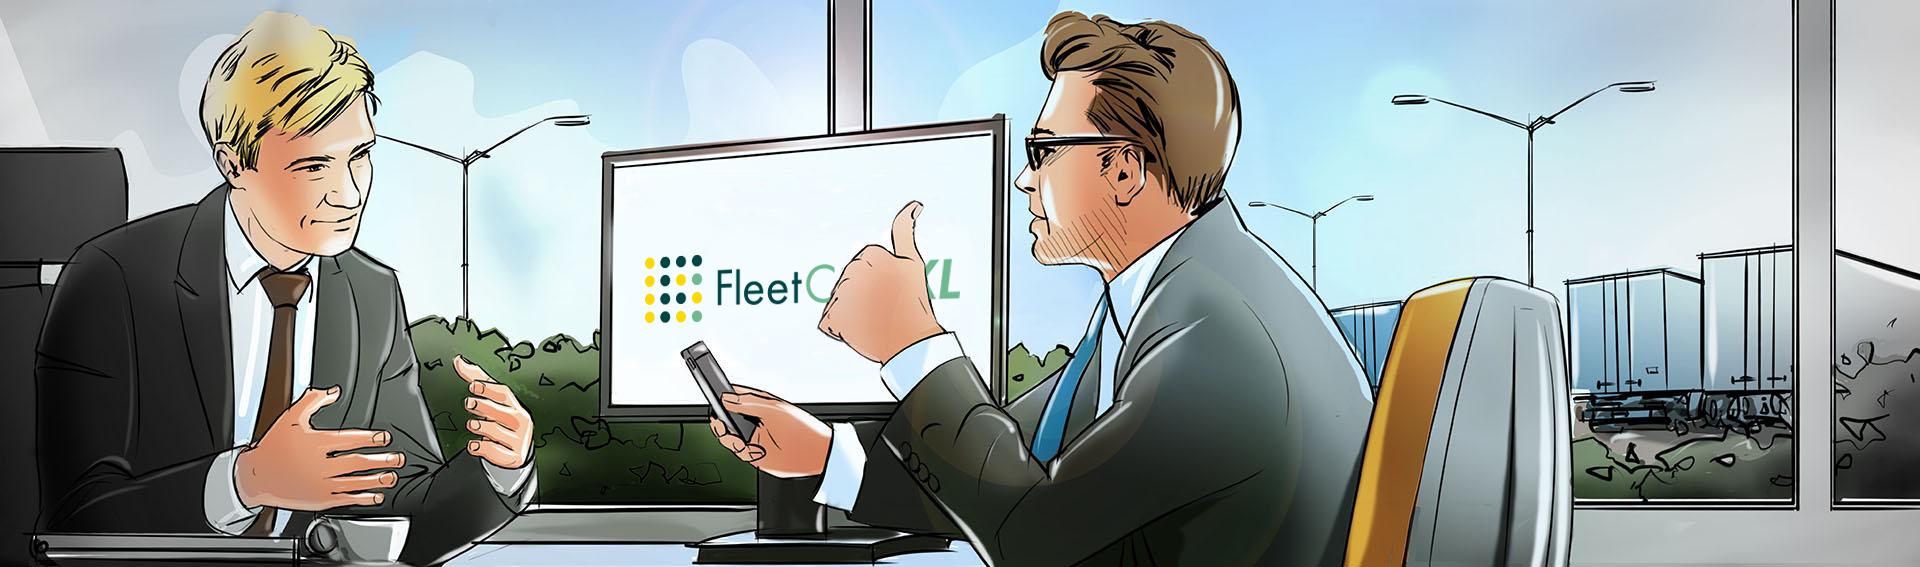 FleetCareXL - de expert in wagenparkbeheer voor uw trucks, vrachtwagens en vuilniswagens